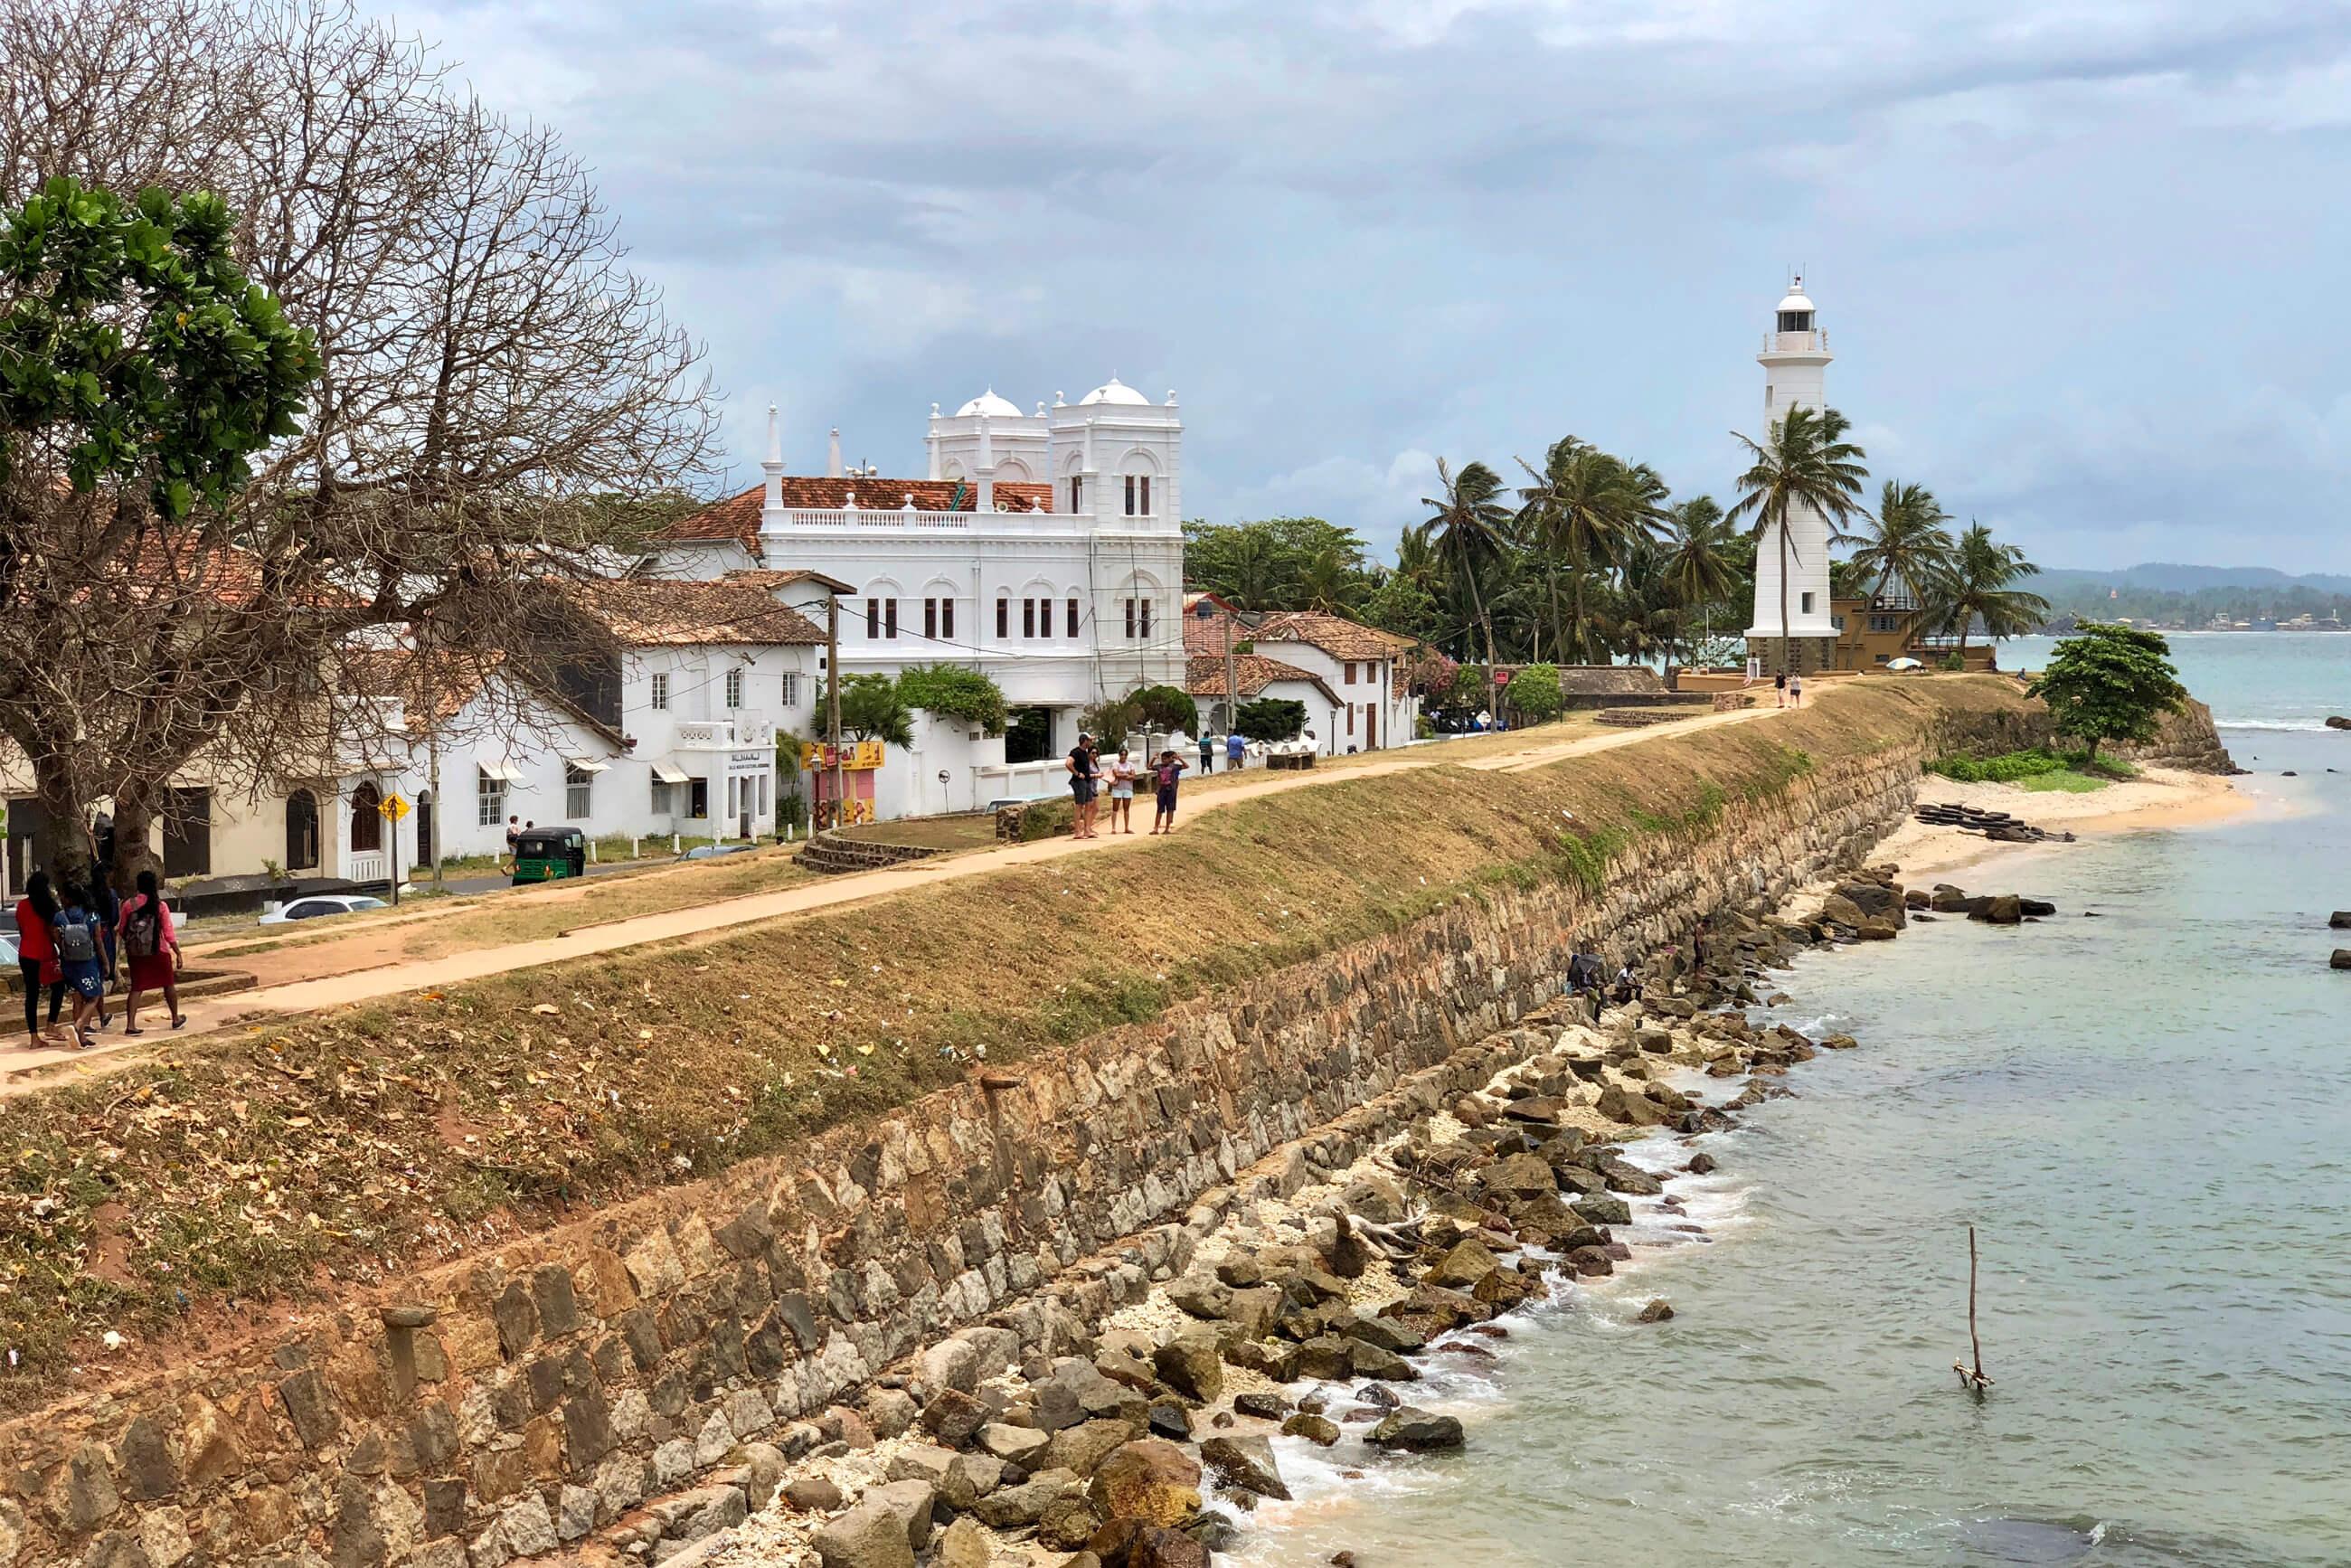 https://bubo.sk/uploads/galleries/7327/robert_taraba_srilanka_galle6.jpg